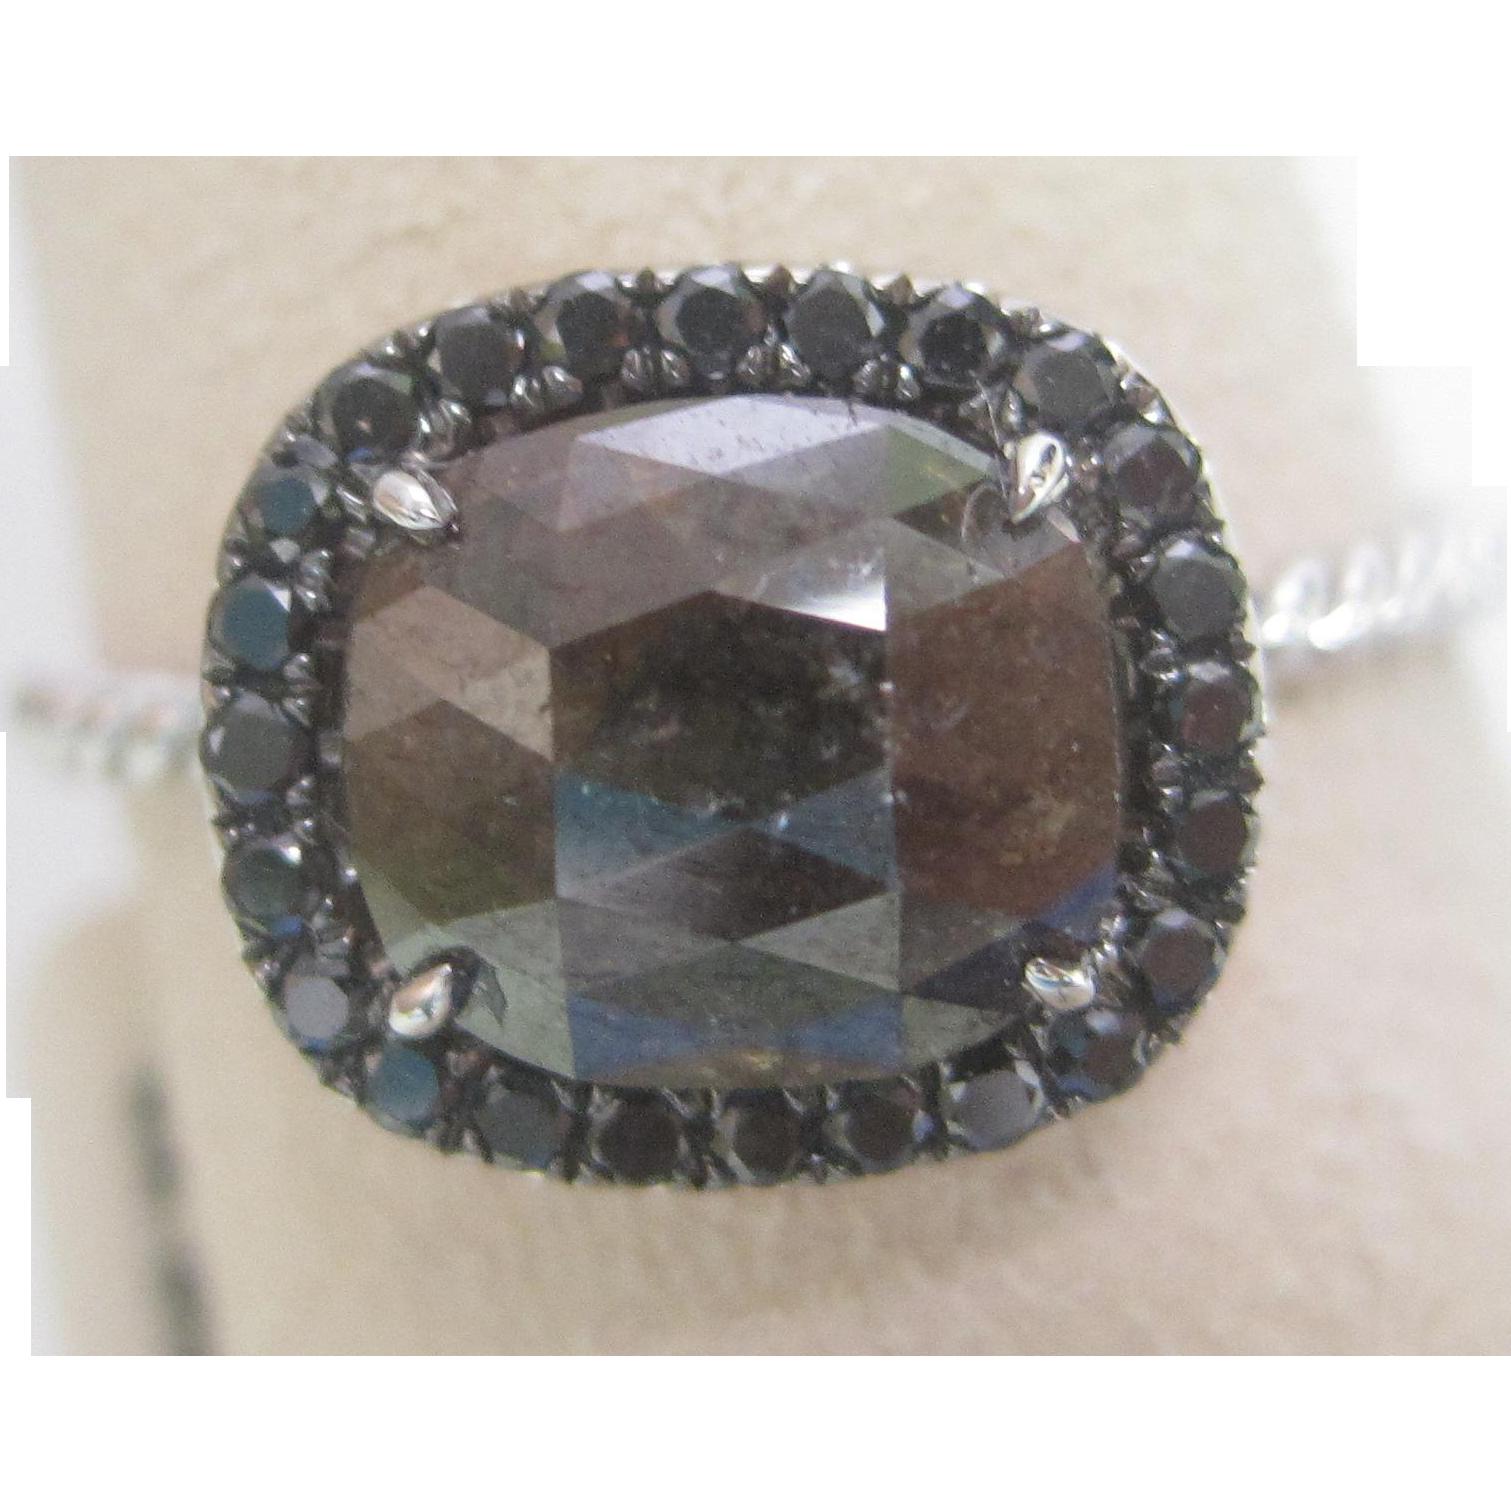 Natural Orange Brown Rose Cut 1.64 Carat Diamond Engagement Ring in 14K White Gold